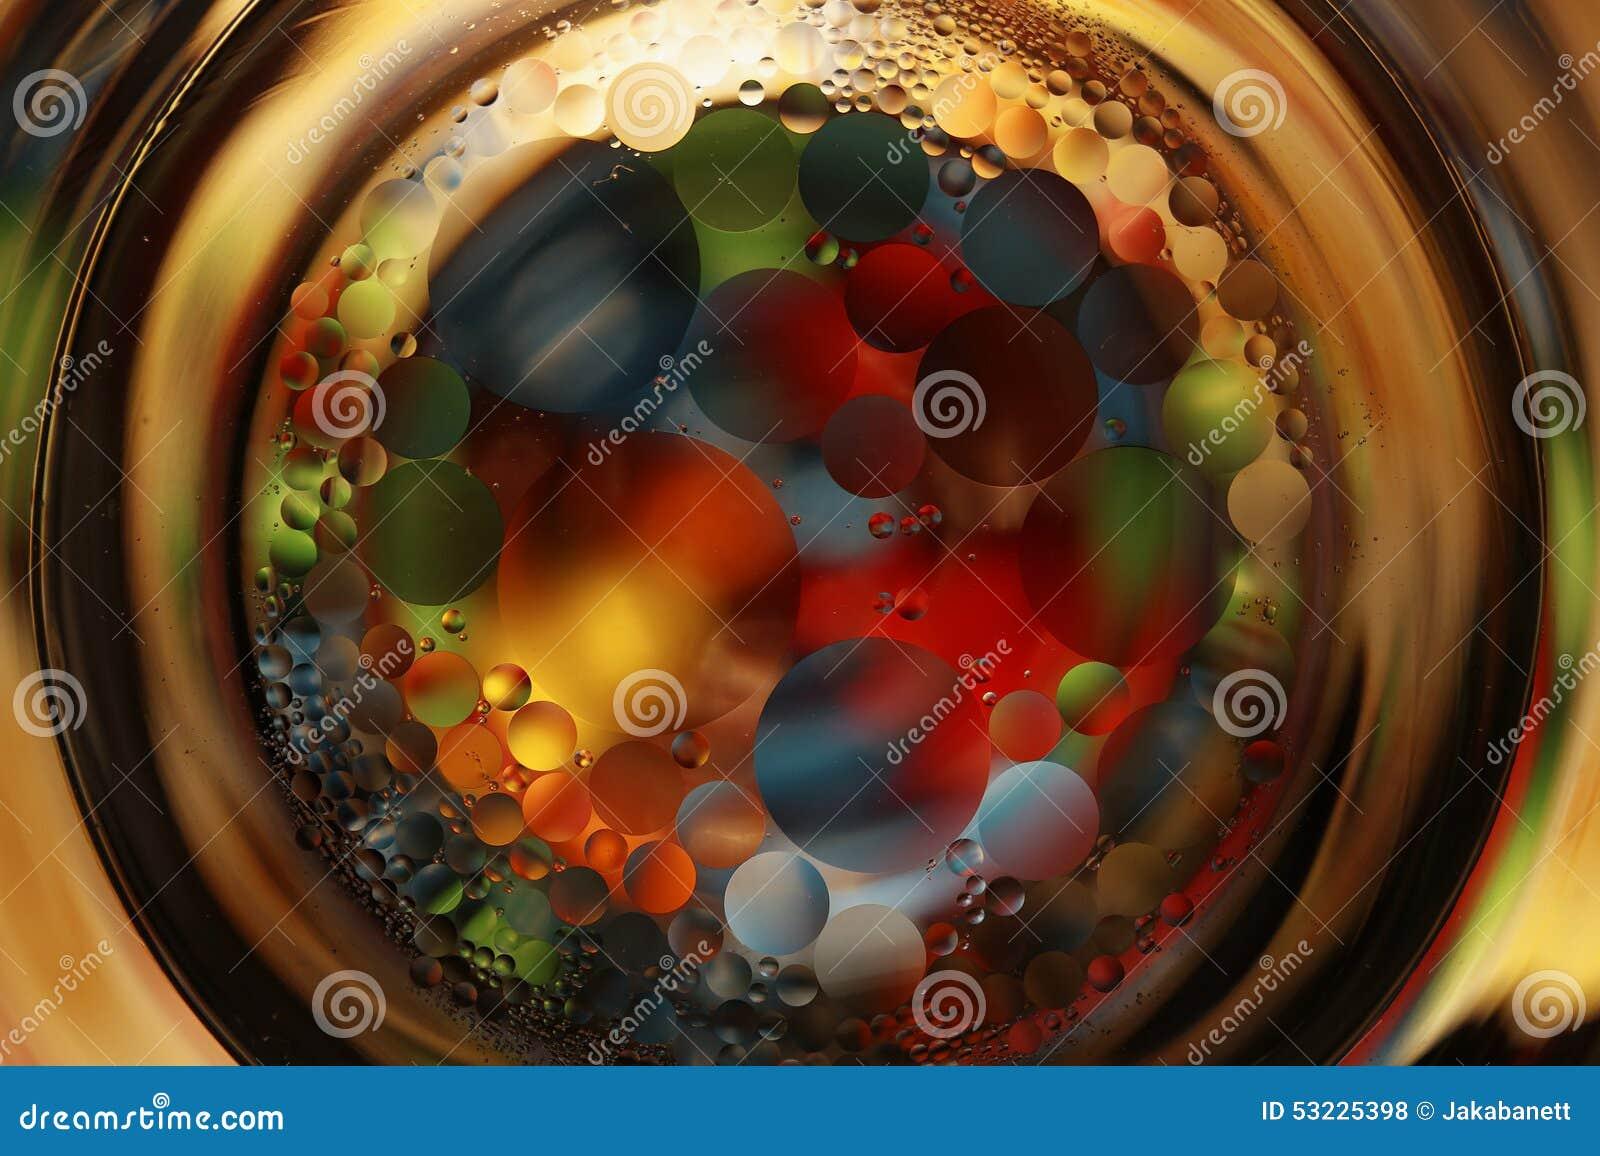 Bolas coloridas en vidrio